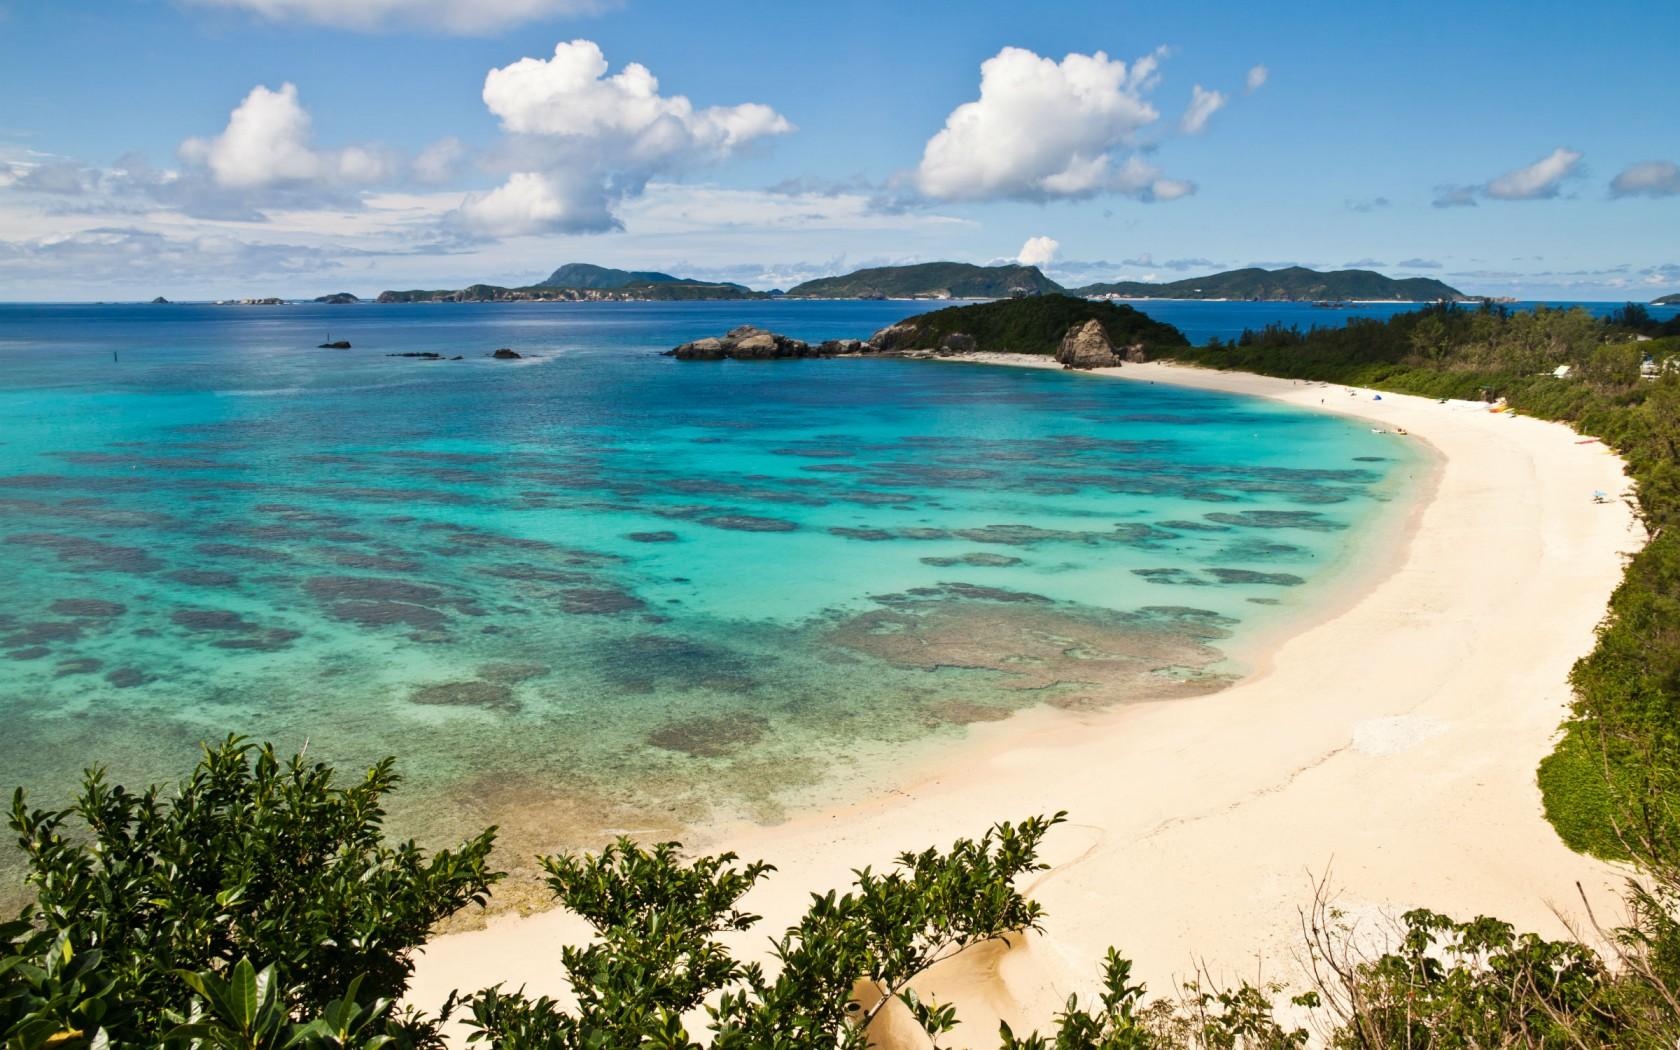 AHAREN BEACH TOKASHIKI ISLAND JAPAN